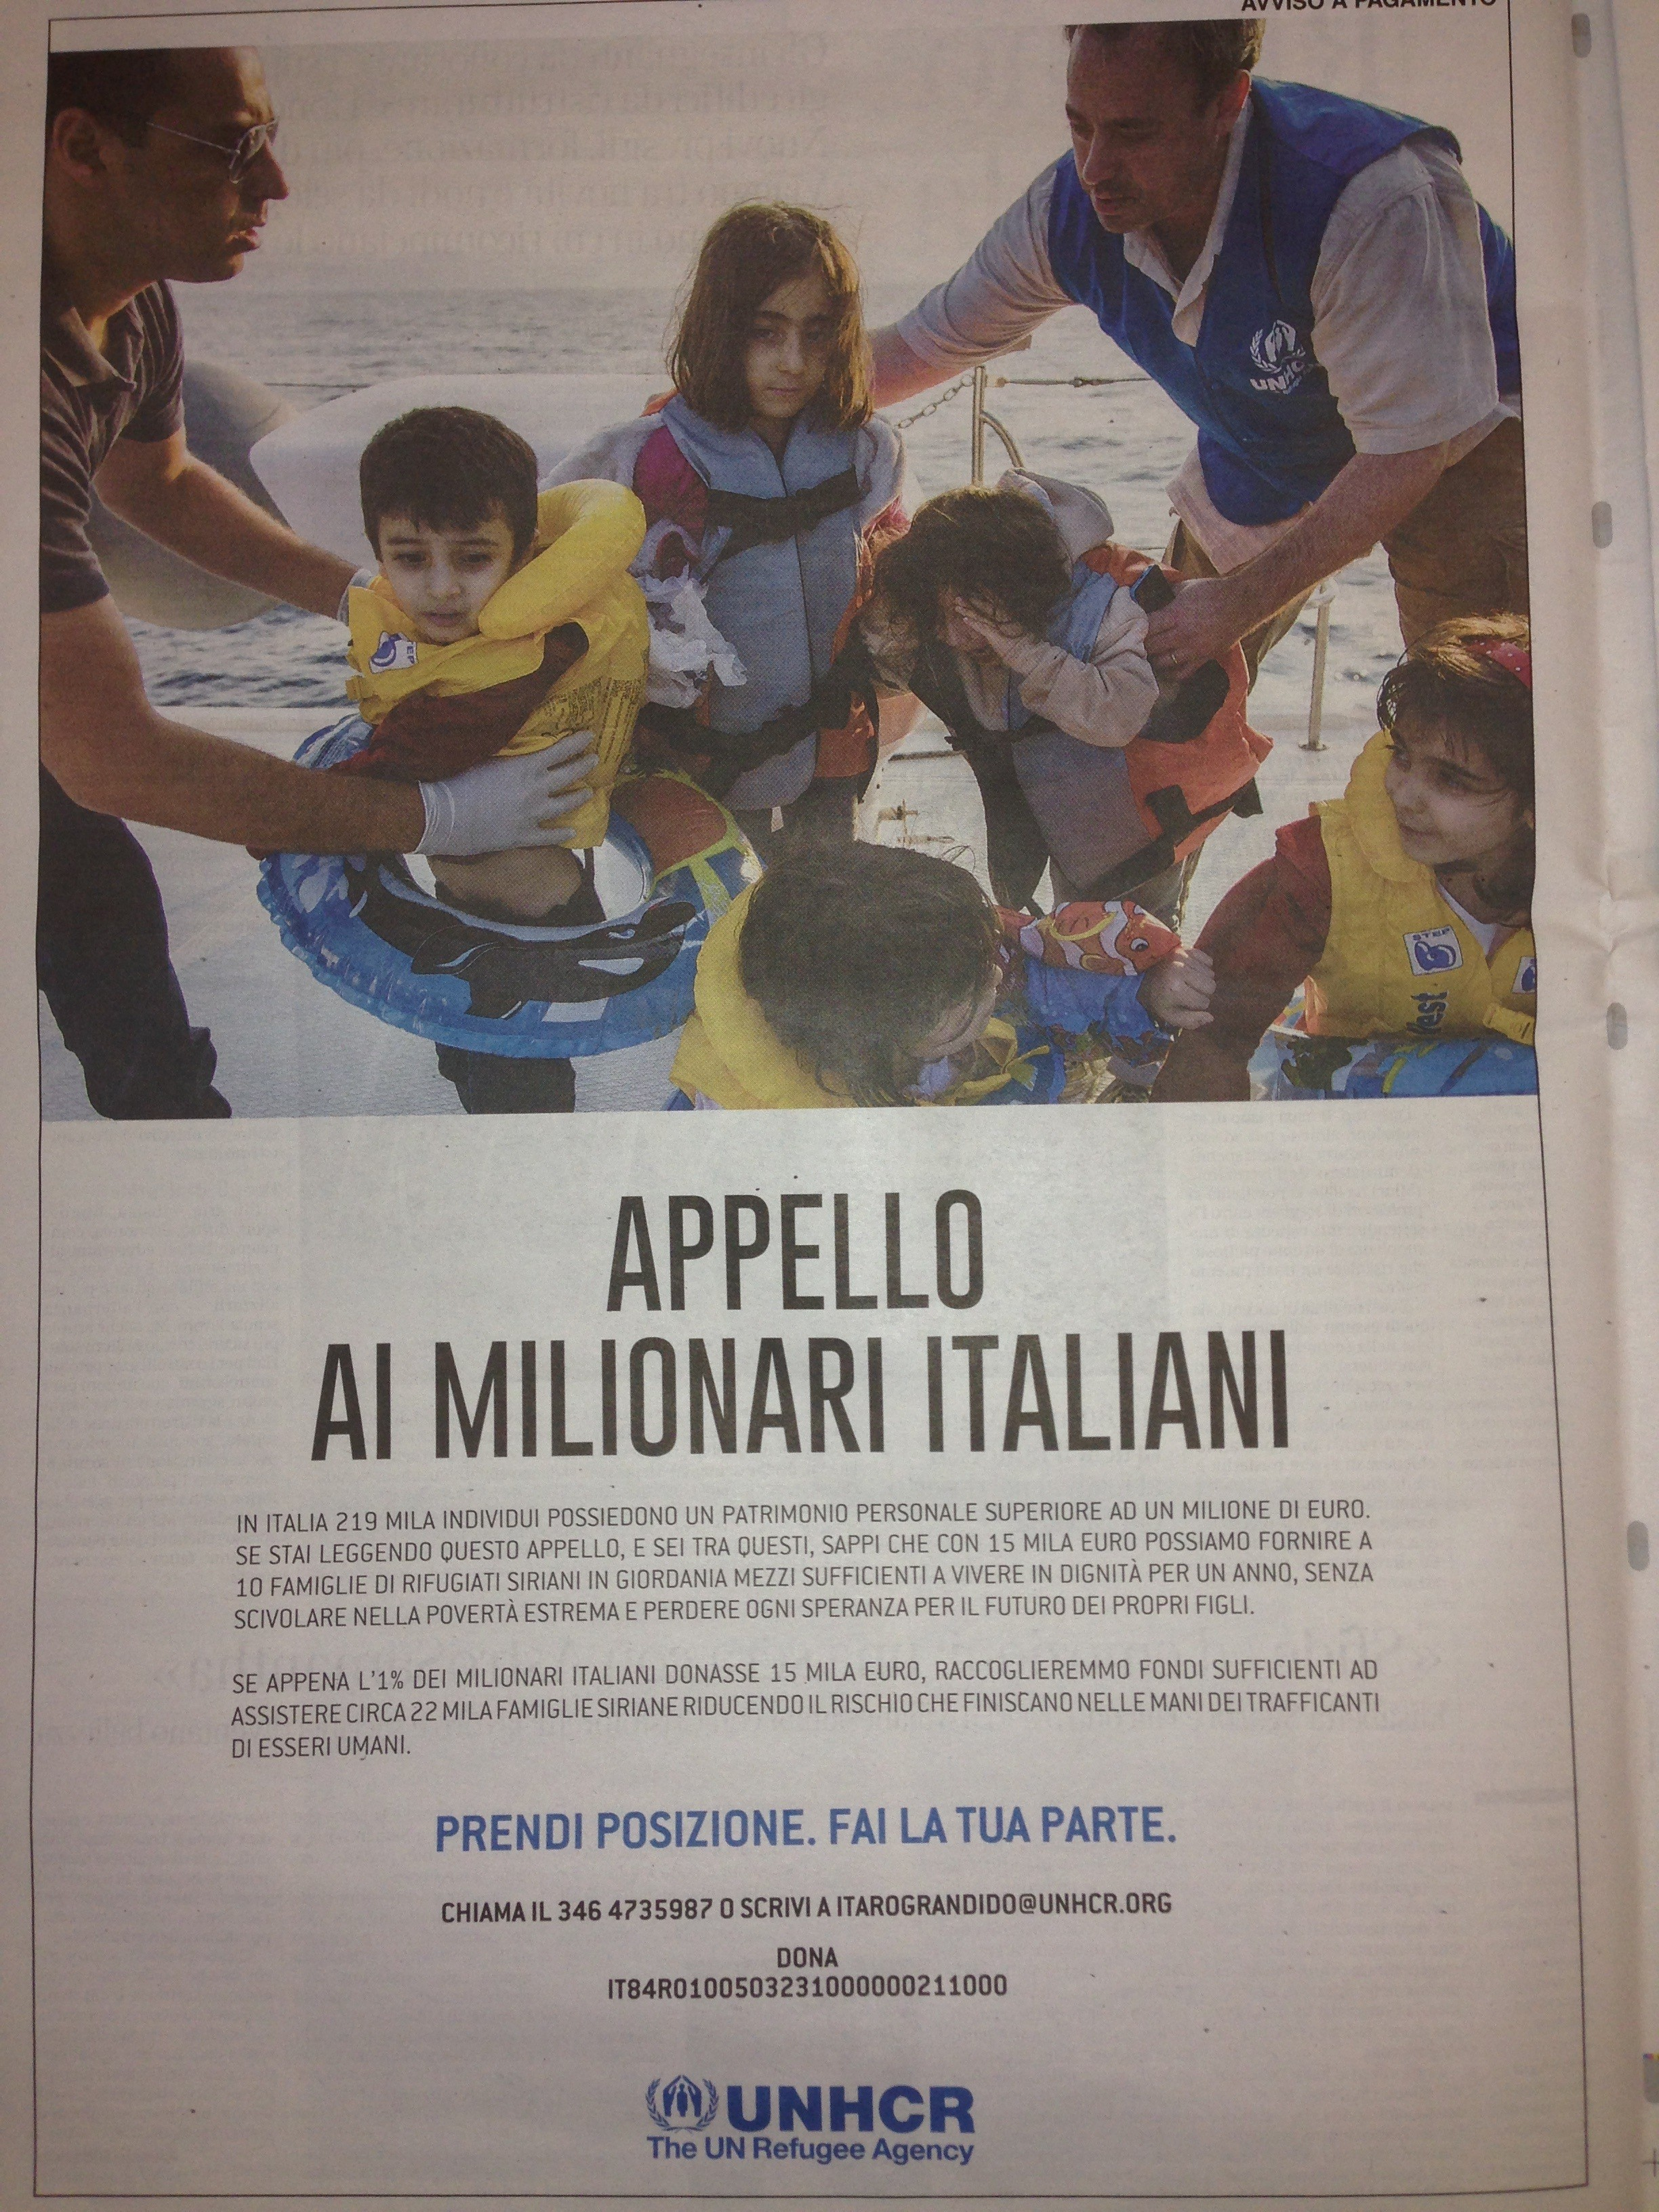 """e si legge nel testo dell appello firmato dall Unhcr """"una donazione di 15 000 euro sarebbe sufficiente per fornire a ci famiglie di rifugiati siriani"""